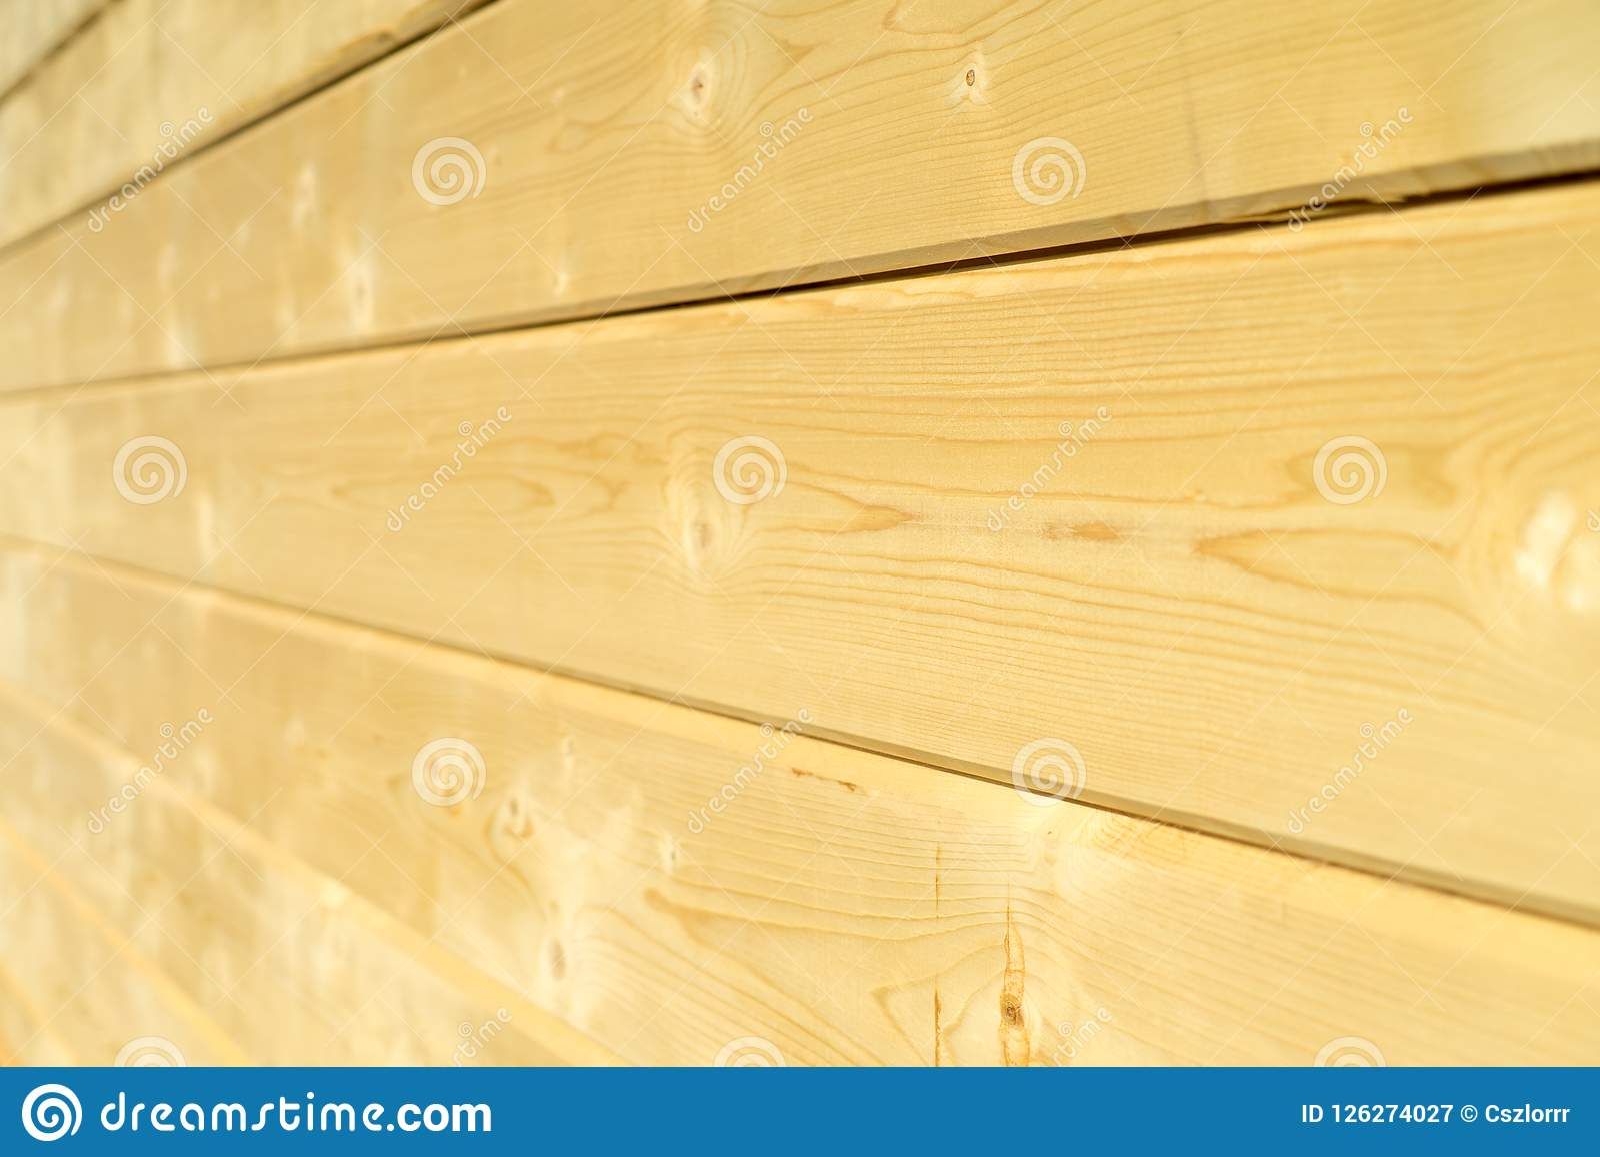 Fotowand eines Holzhauses gemacht von den Holzbalken